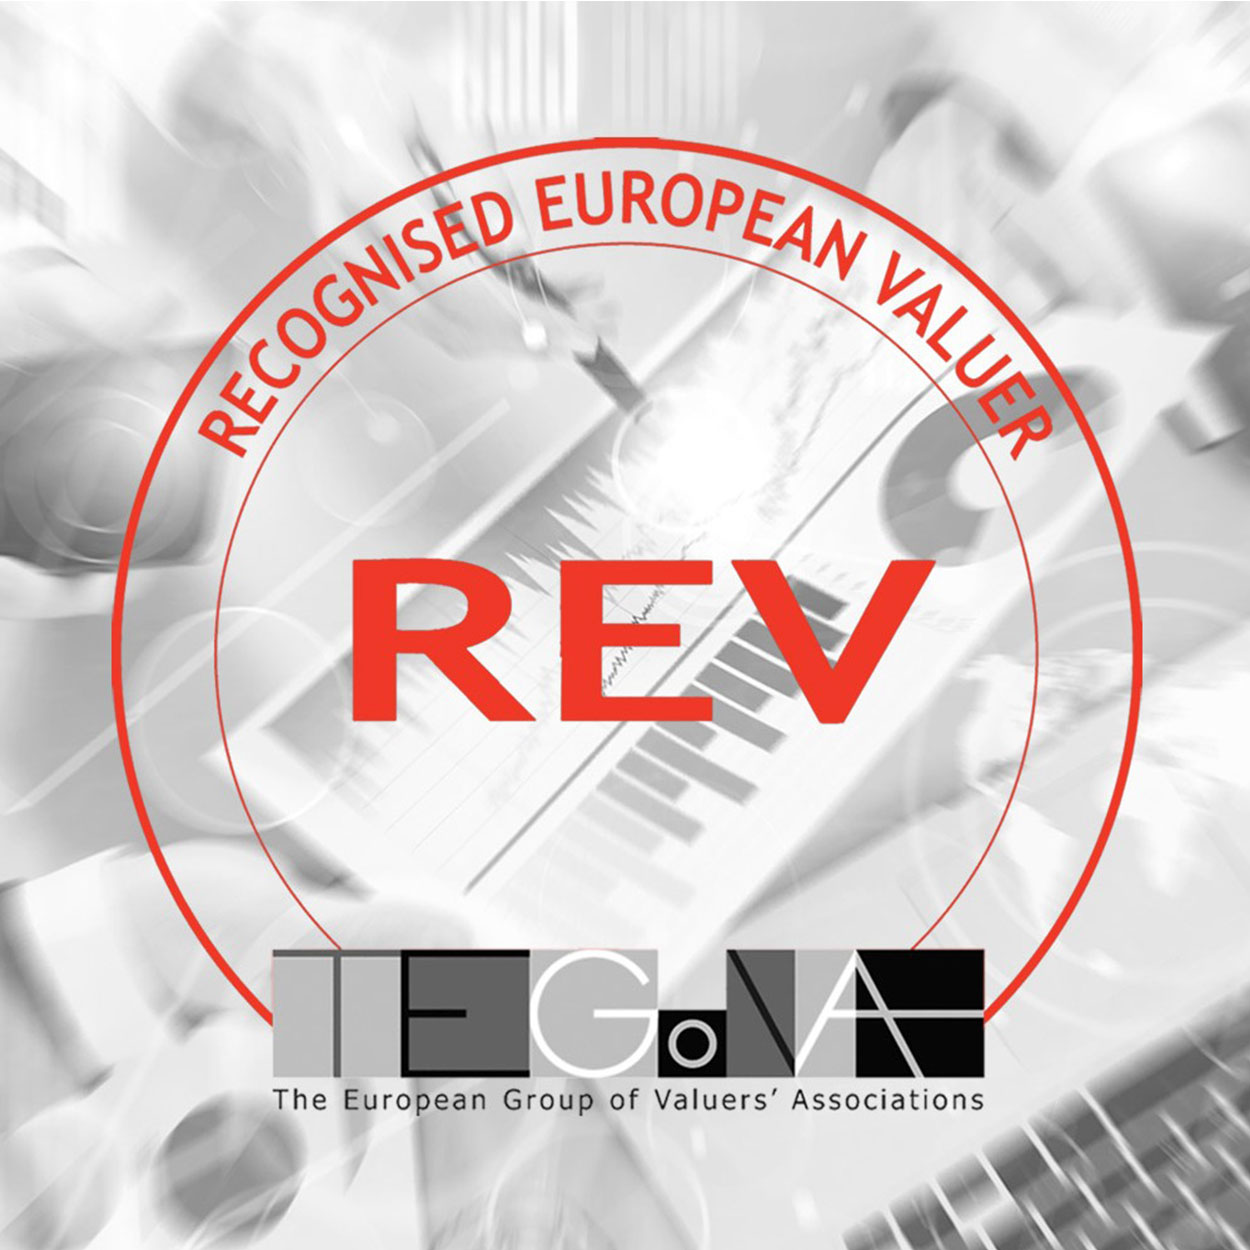 ჯივისის კიდევ სამმა ექსპერტმა ევროპის აღიარებული შემფასებლის (REV) სტატუსი მოიპოვა